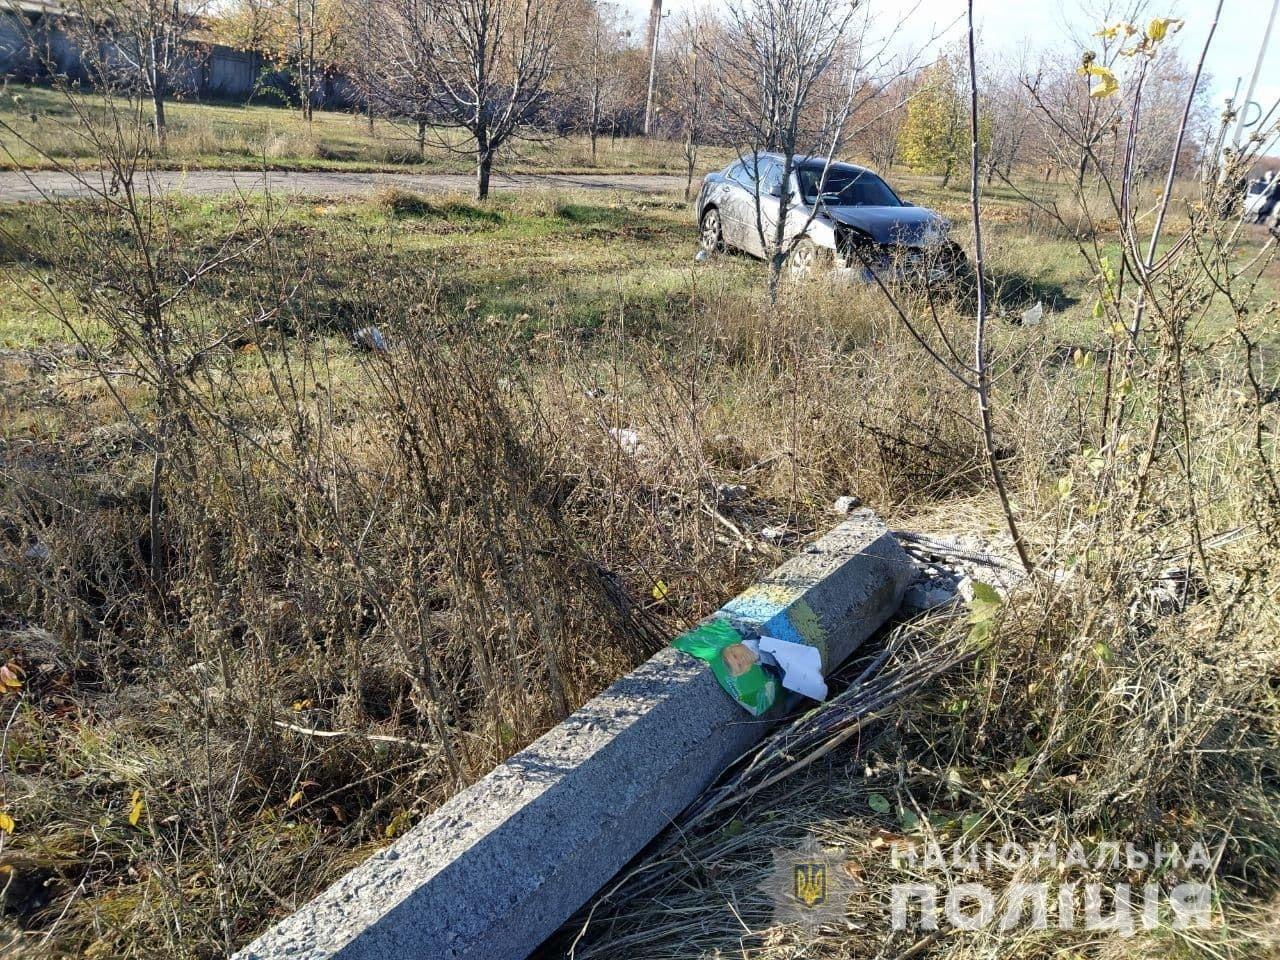 Под Харьковом пьяный водитель легкового авто «снес» столб и сбежал с места аварии, - ФОТО, фото-1